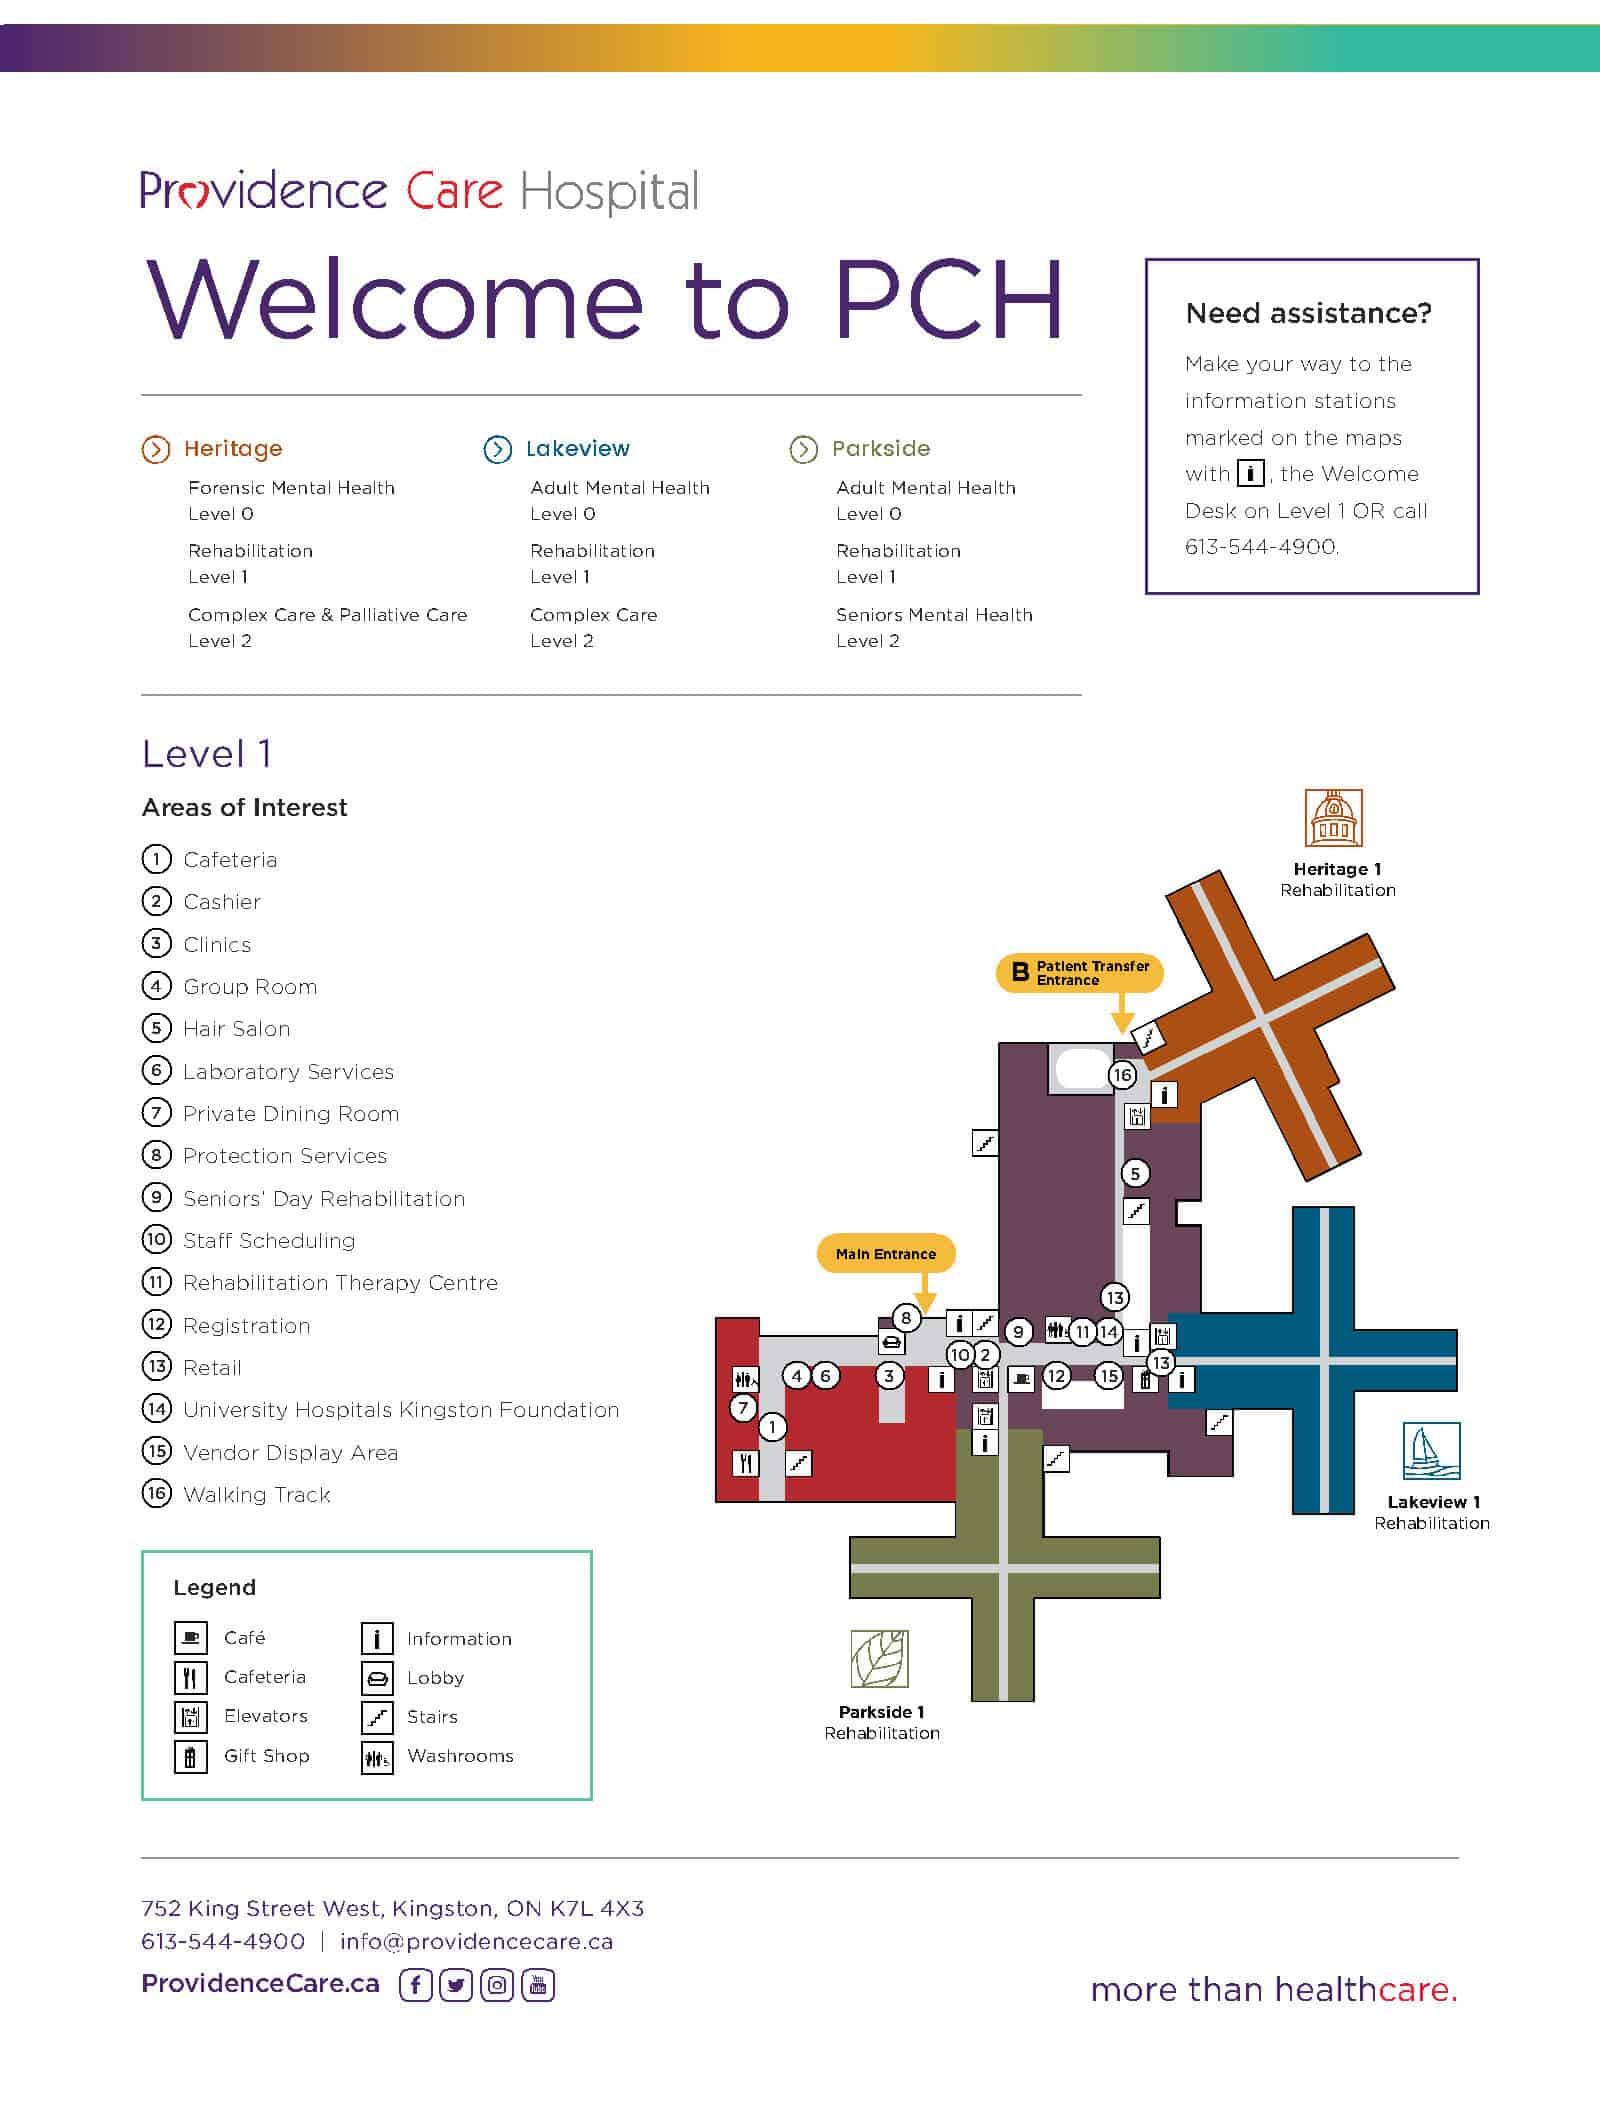 Hospital Maps